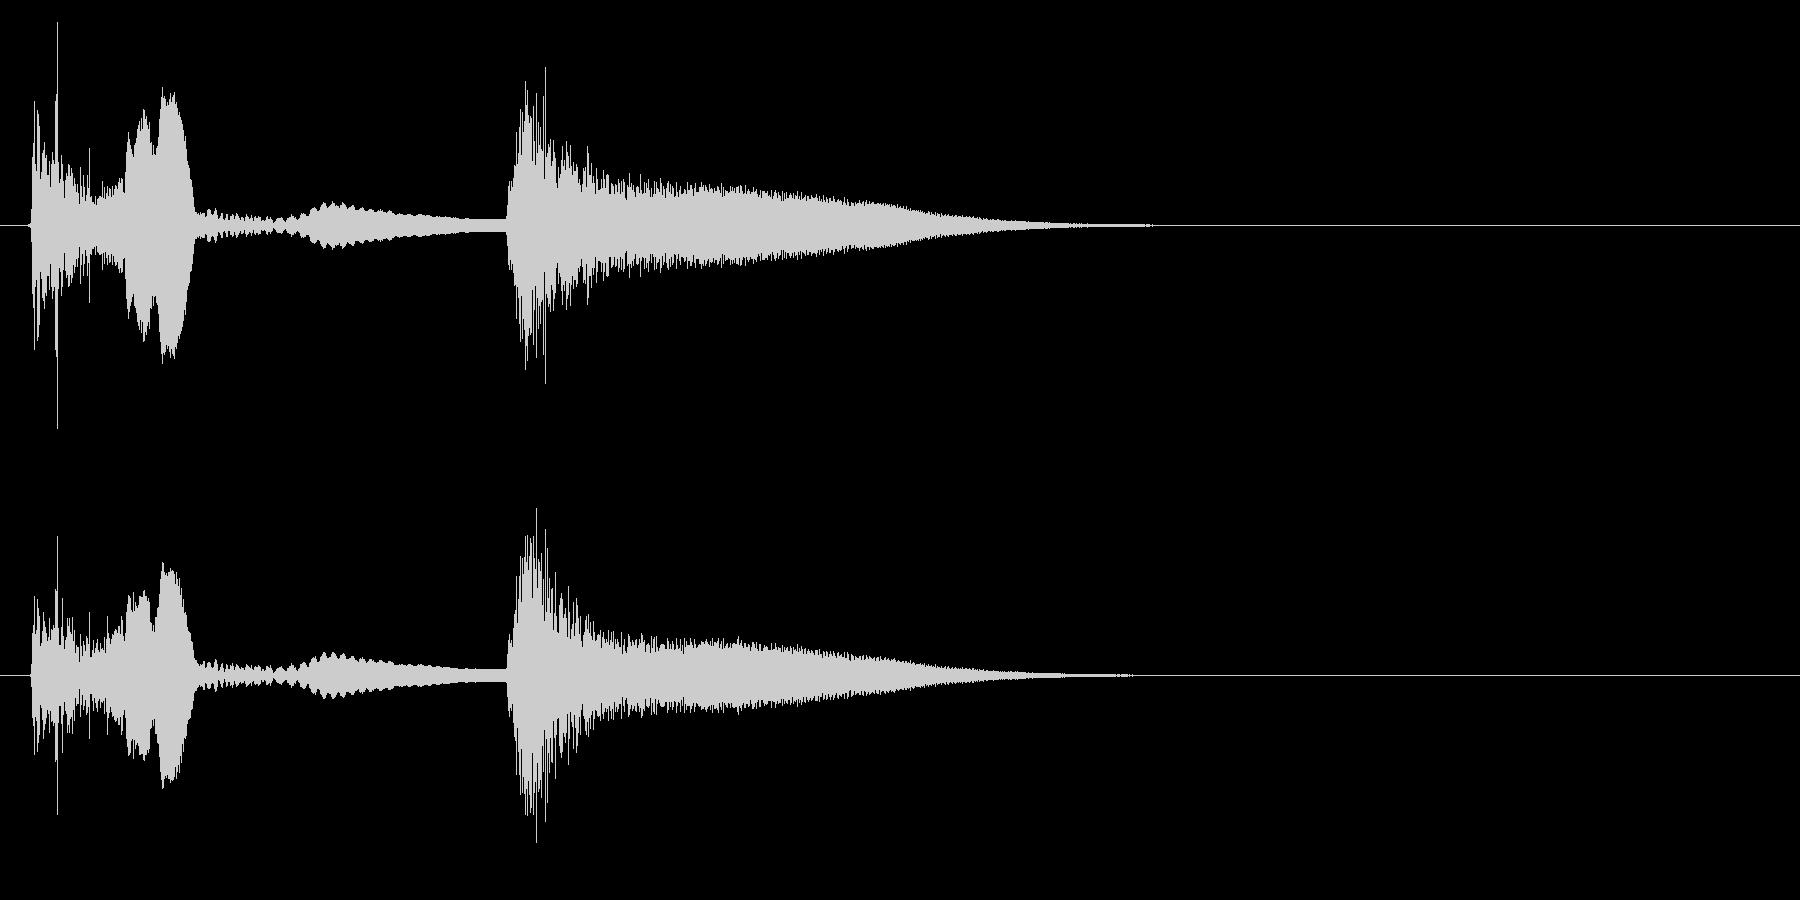 効果音 ネジが飛ぶ音の未再生の波形